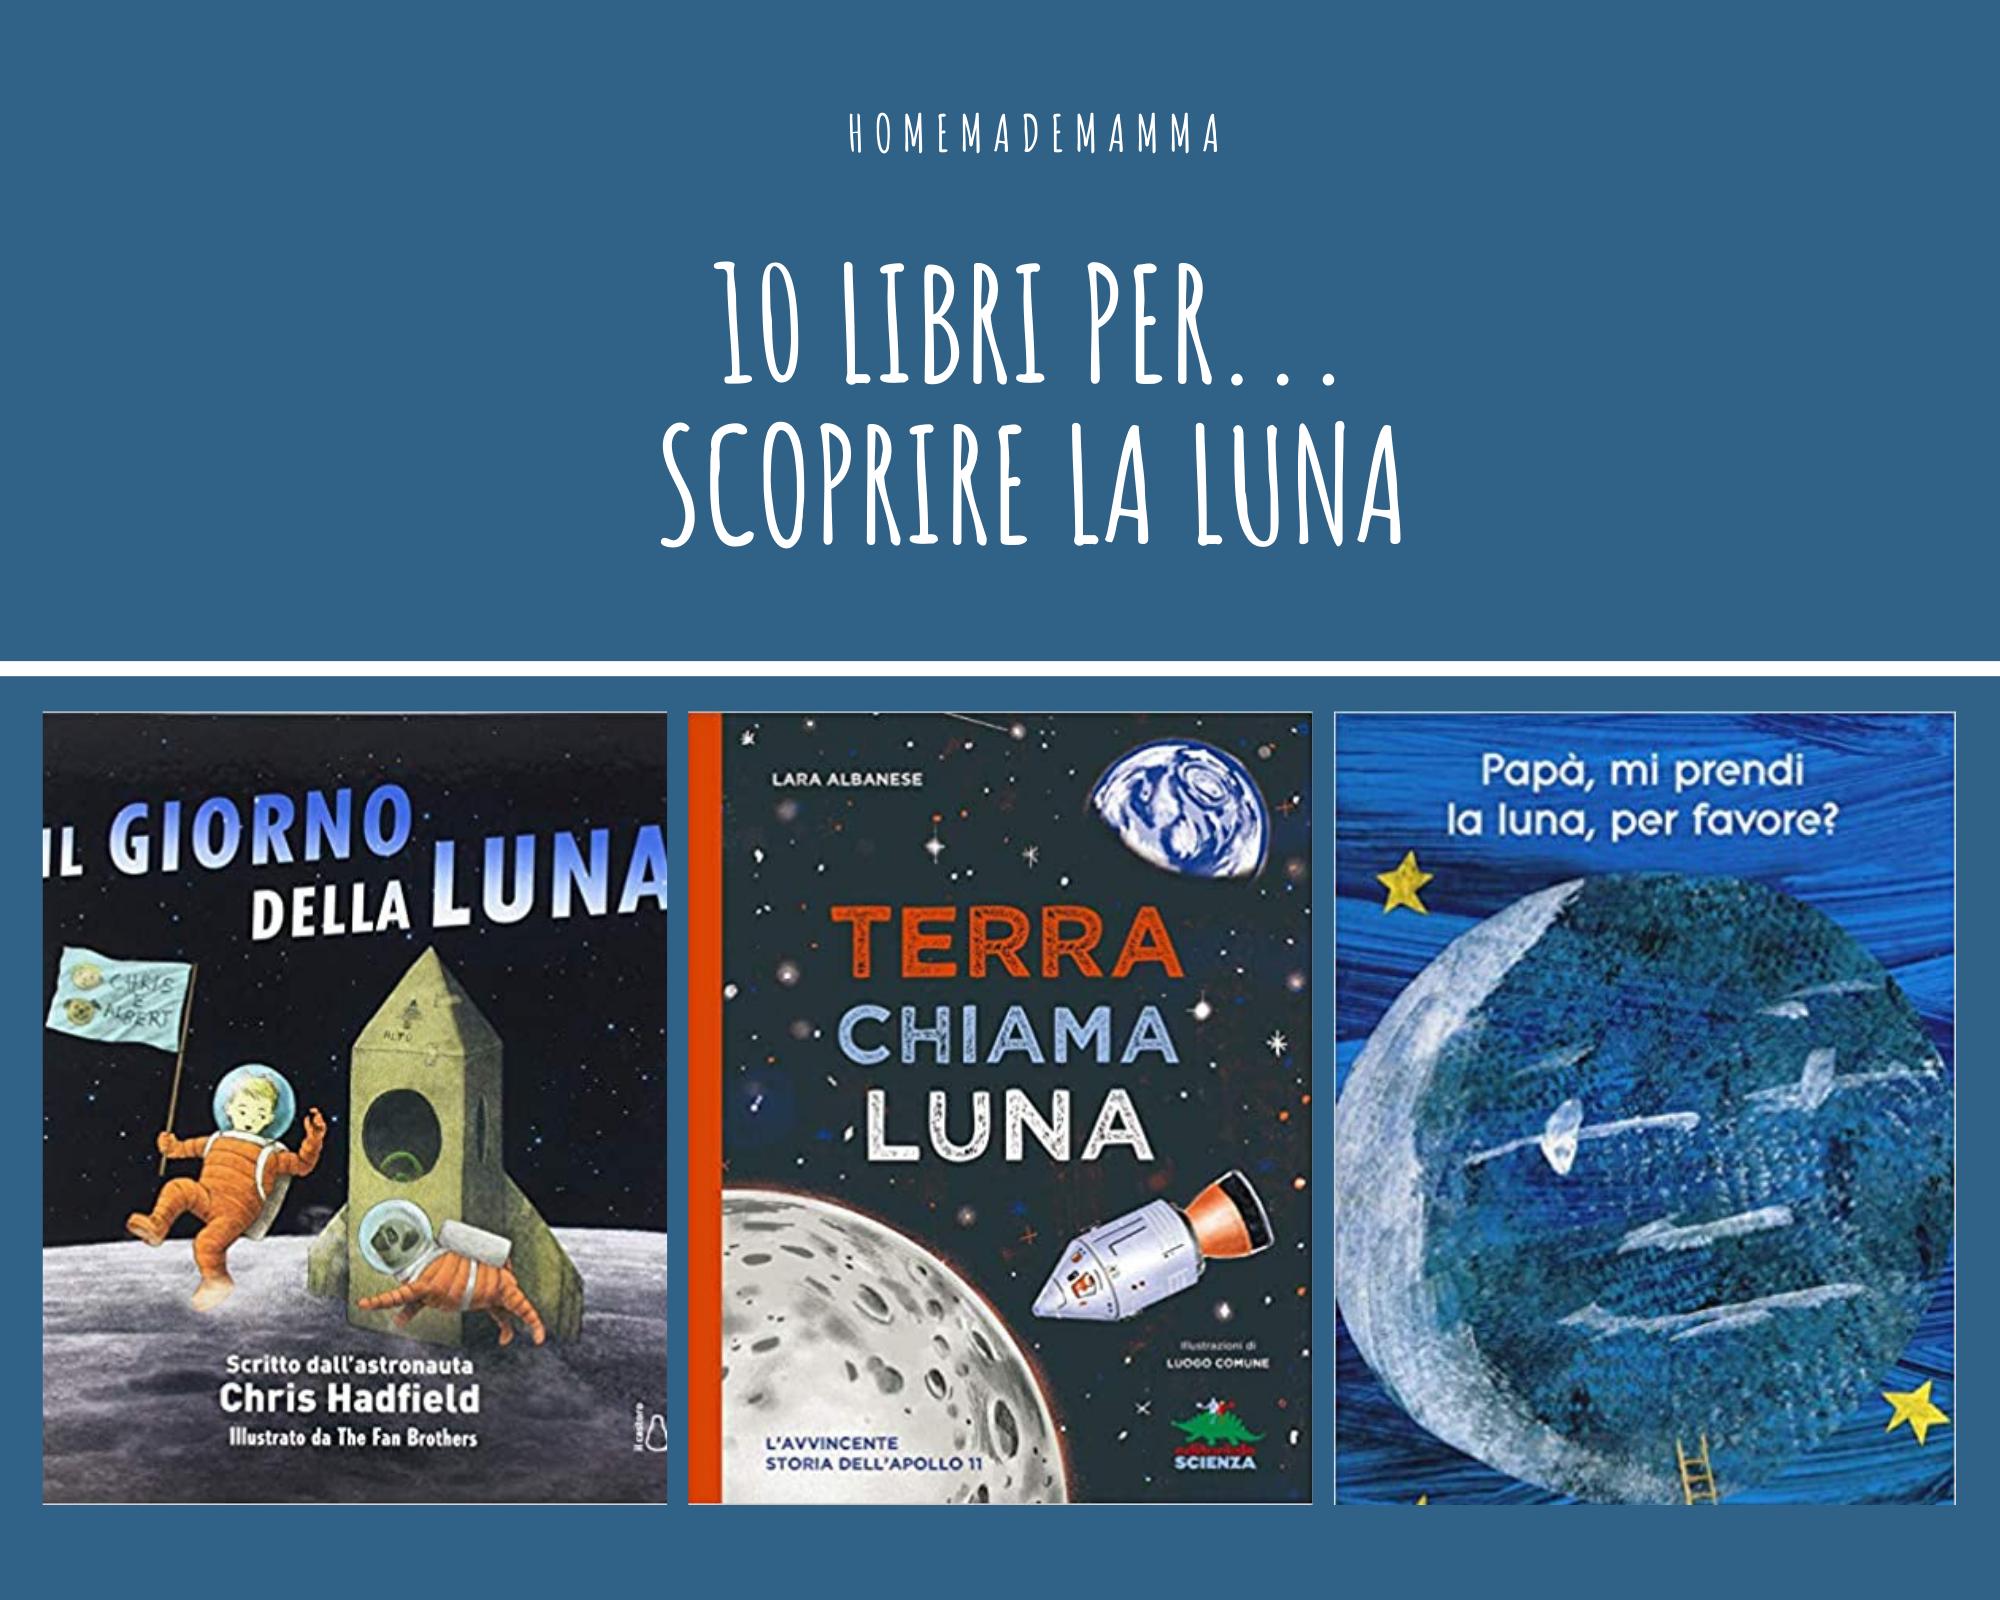 10 libri per scoprire la luna